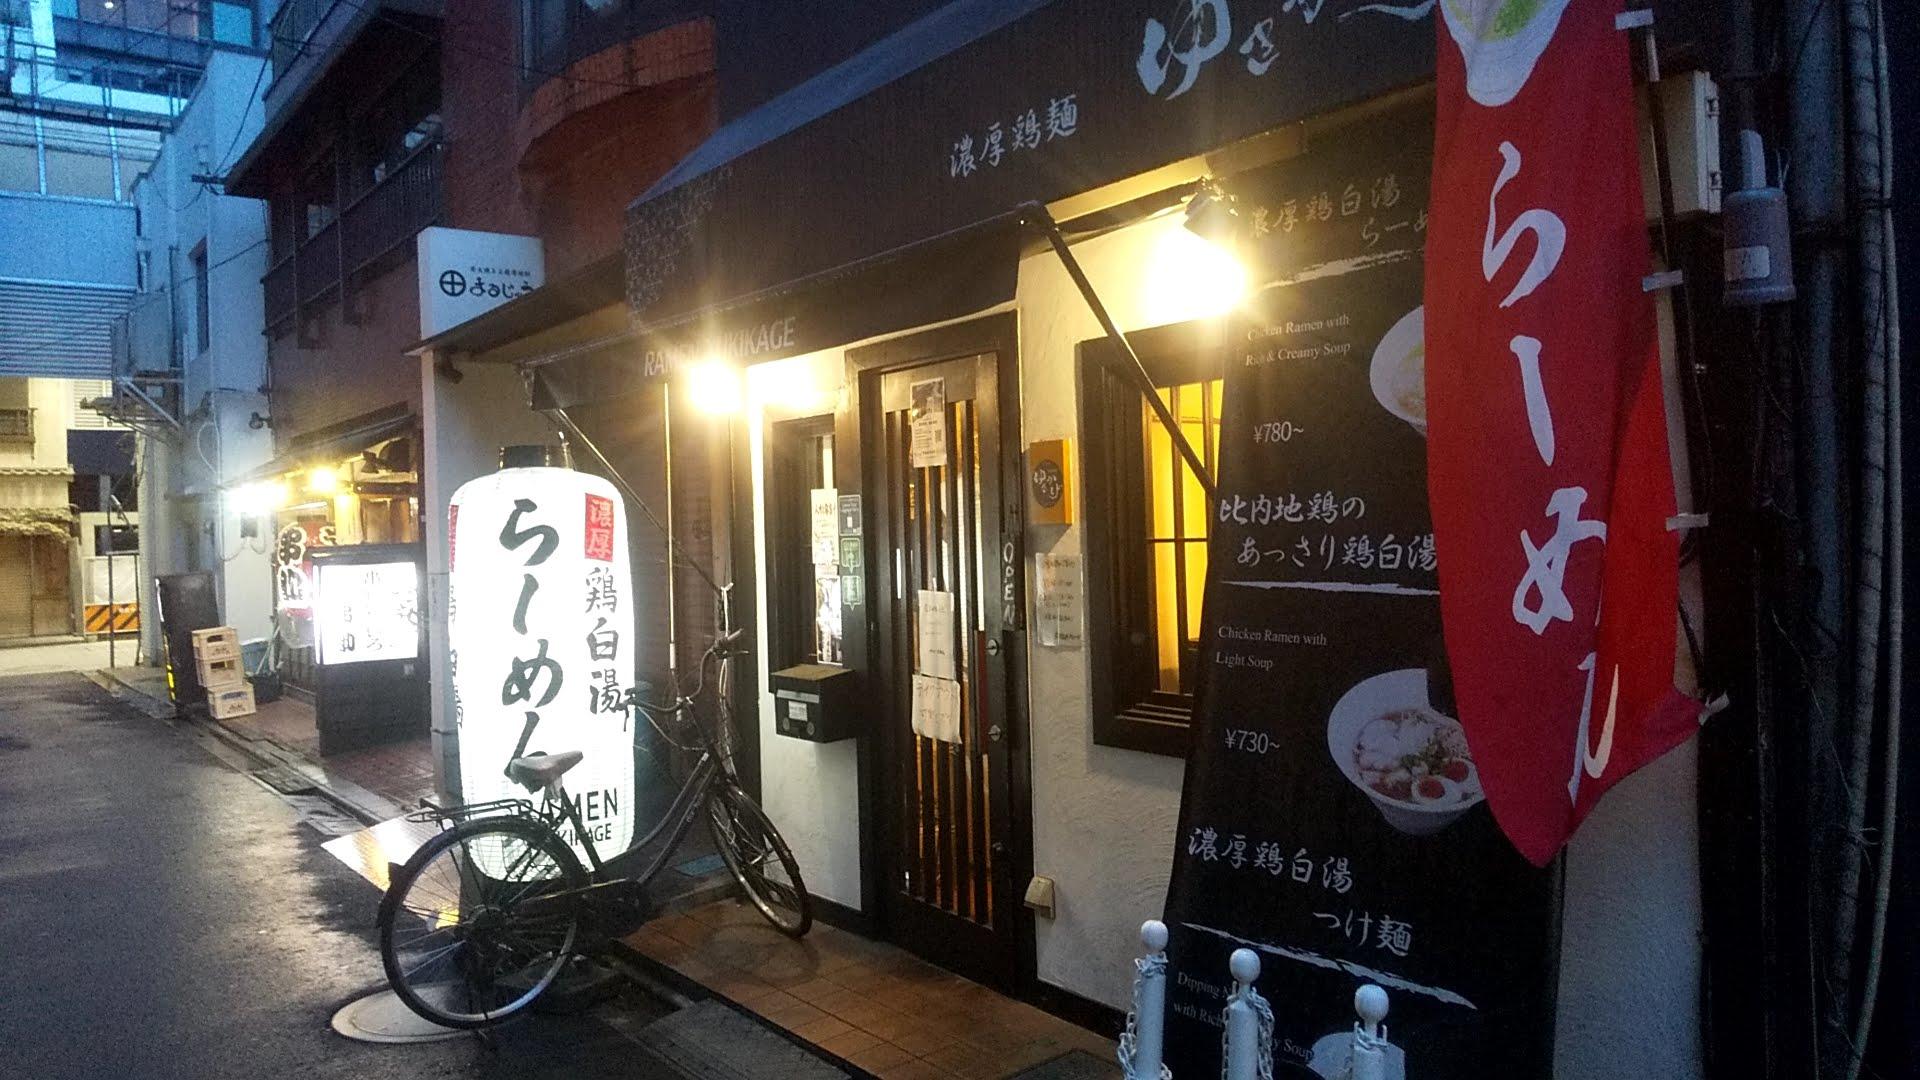 ゆきかげ浅草店の外観